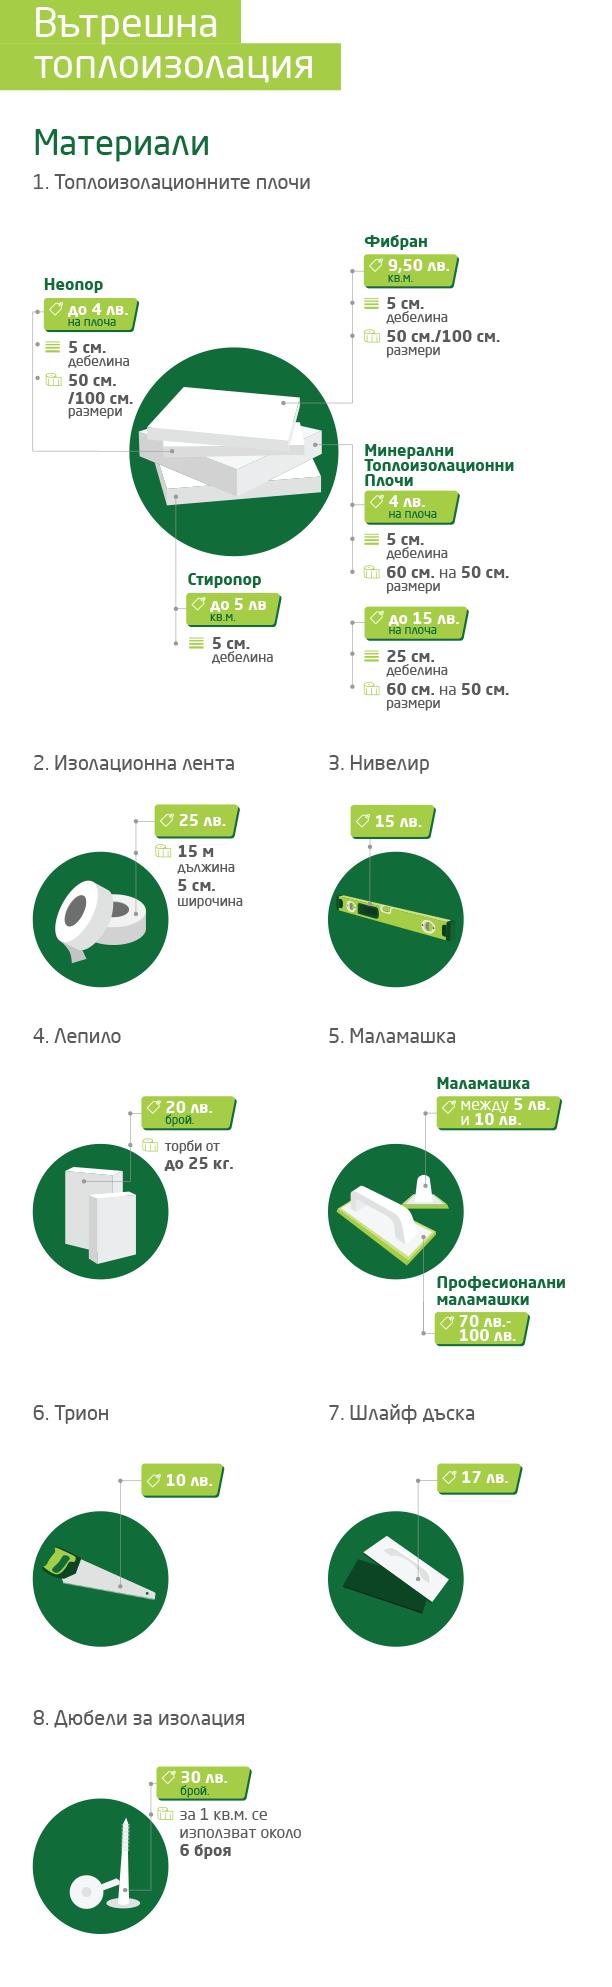 Инфографика за поставяне на вътрешна топлоизолация